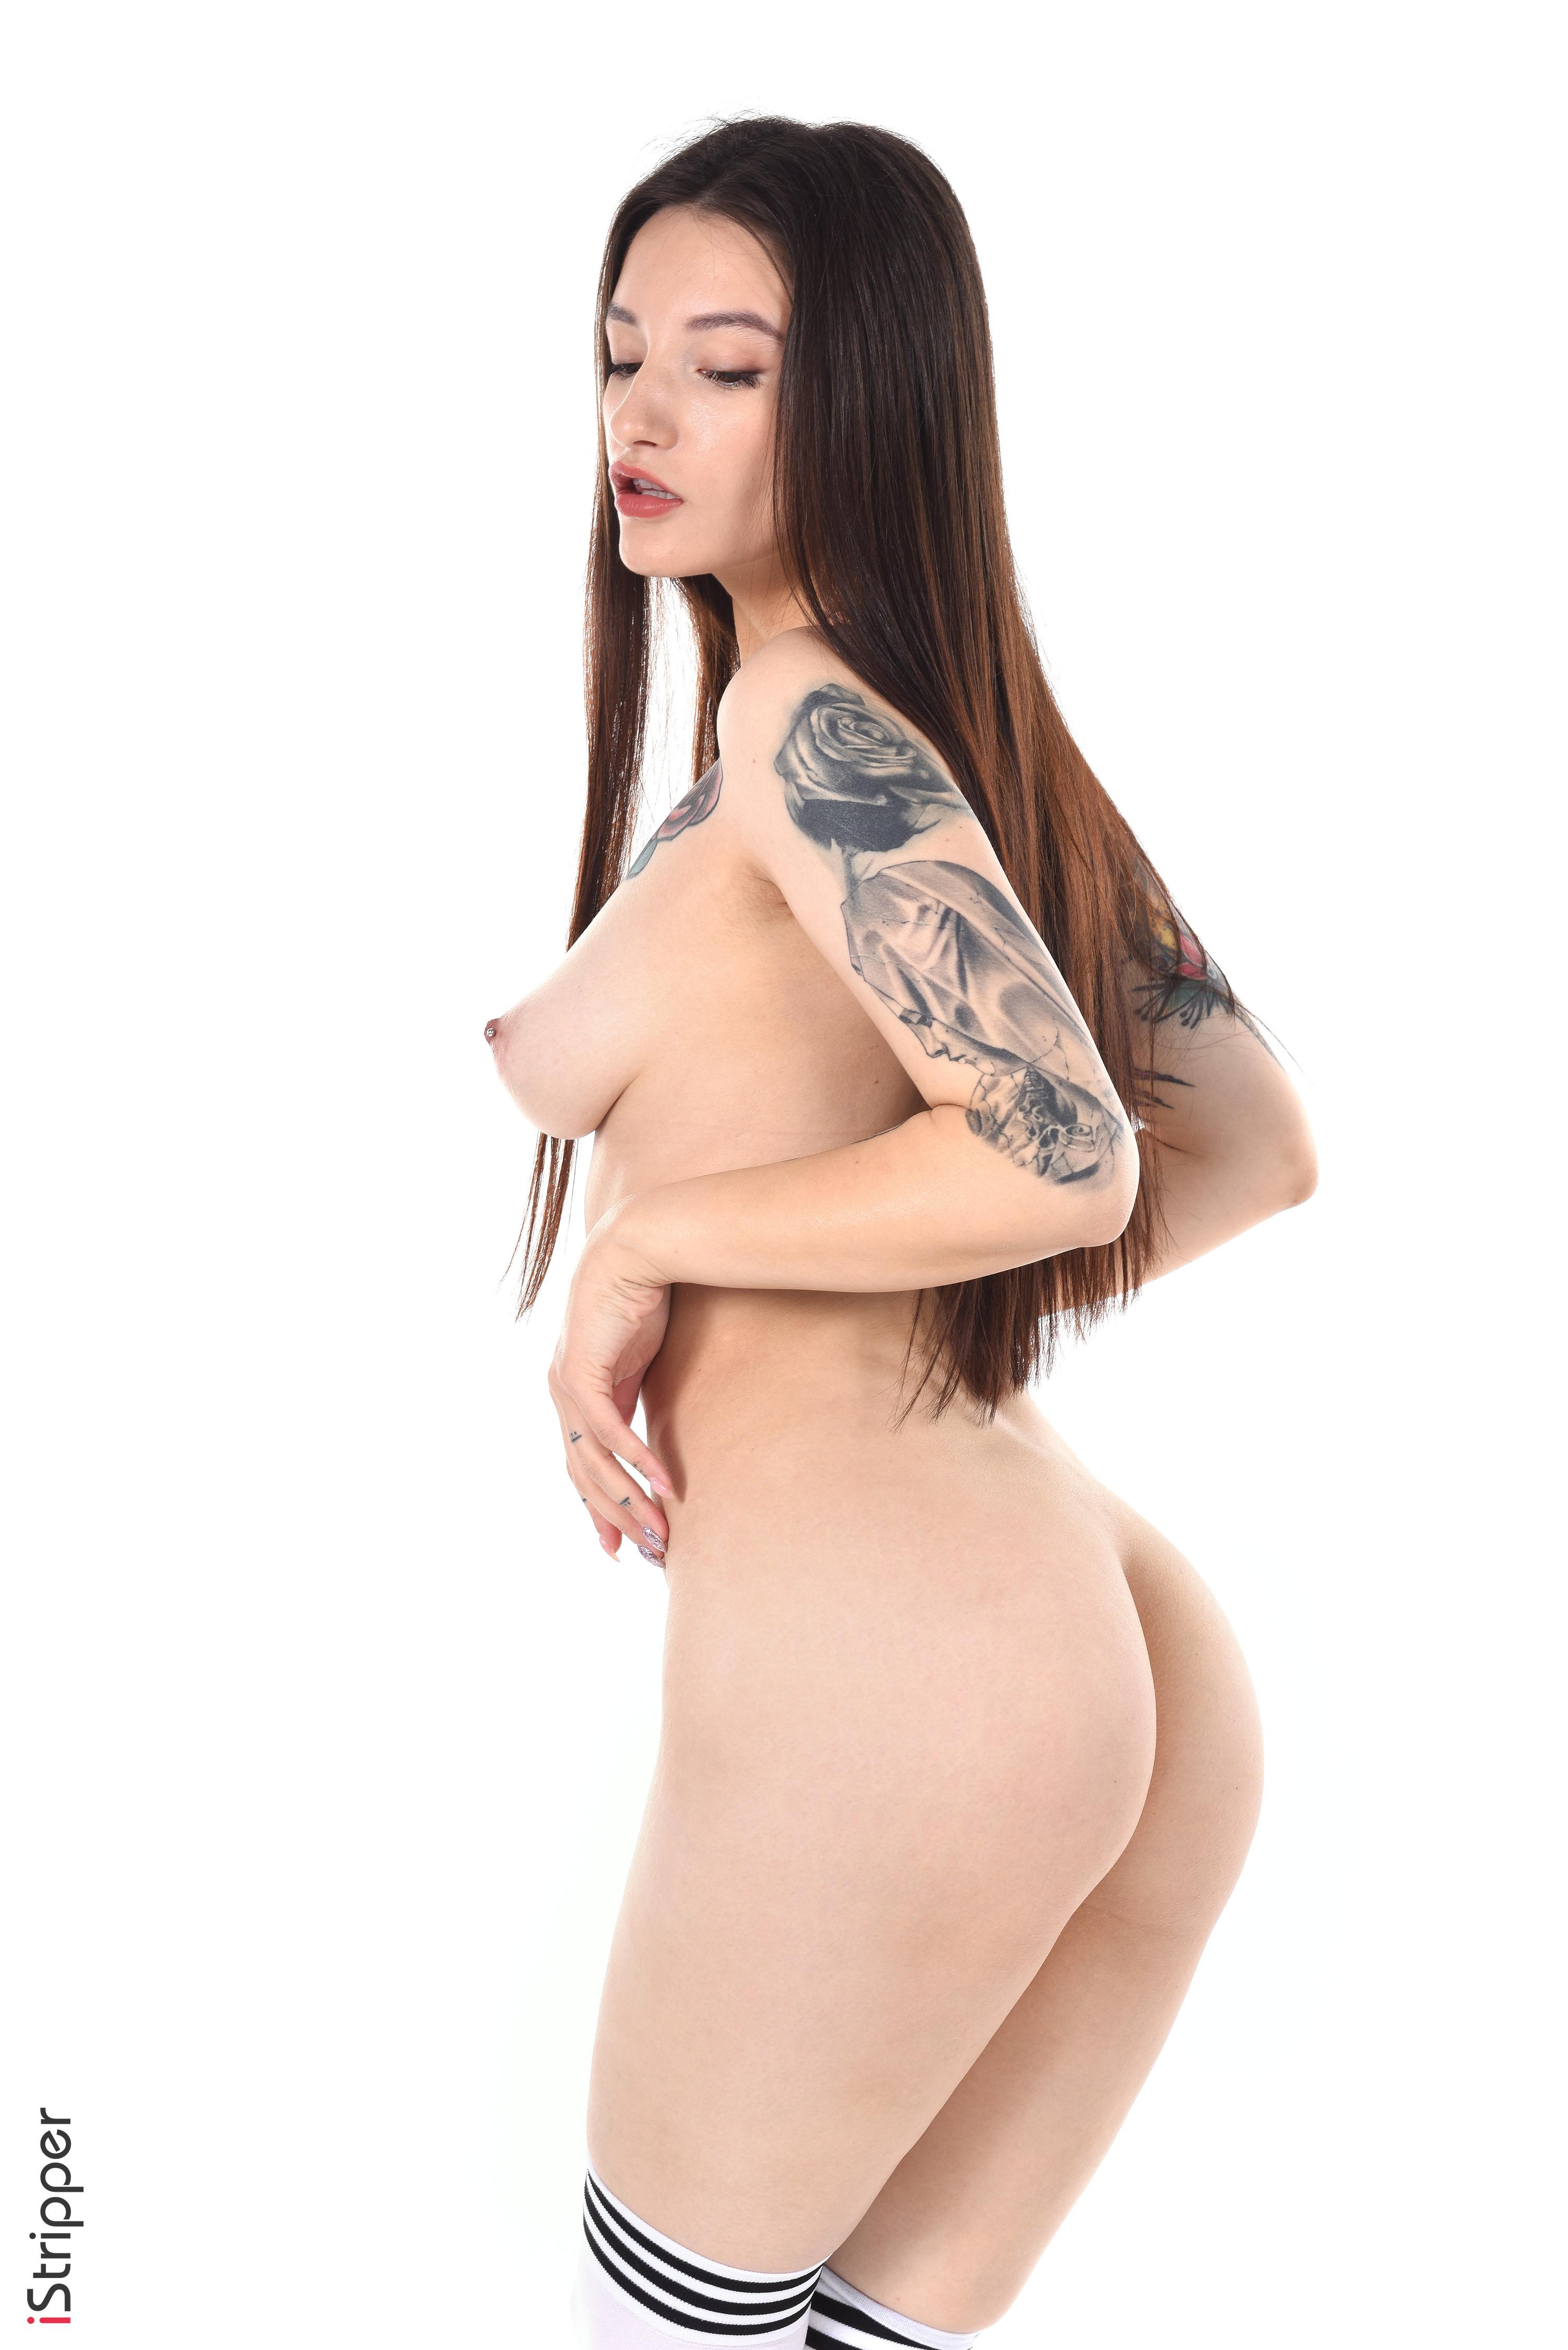 sexy babe striptease blowjob